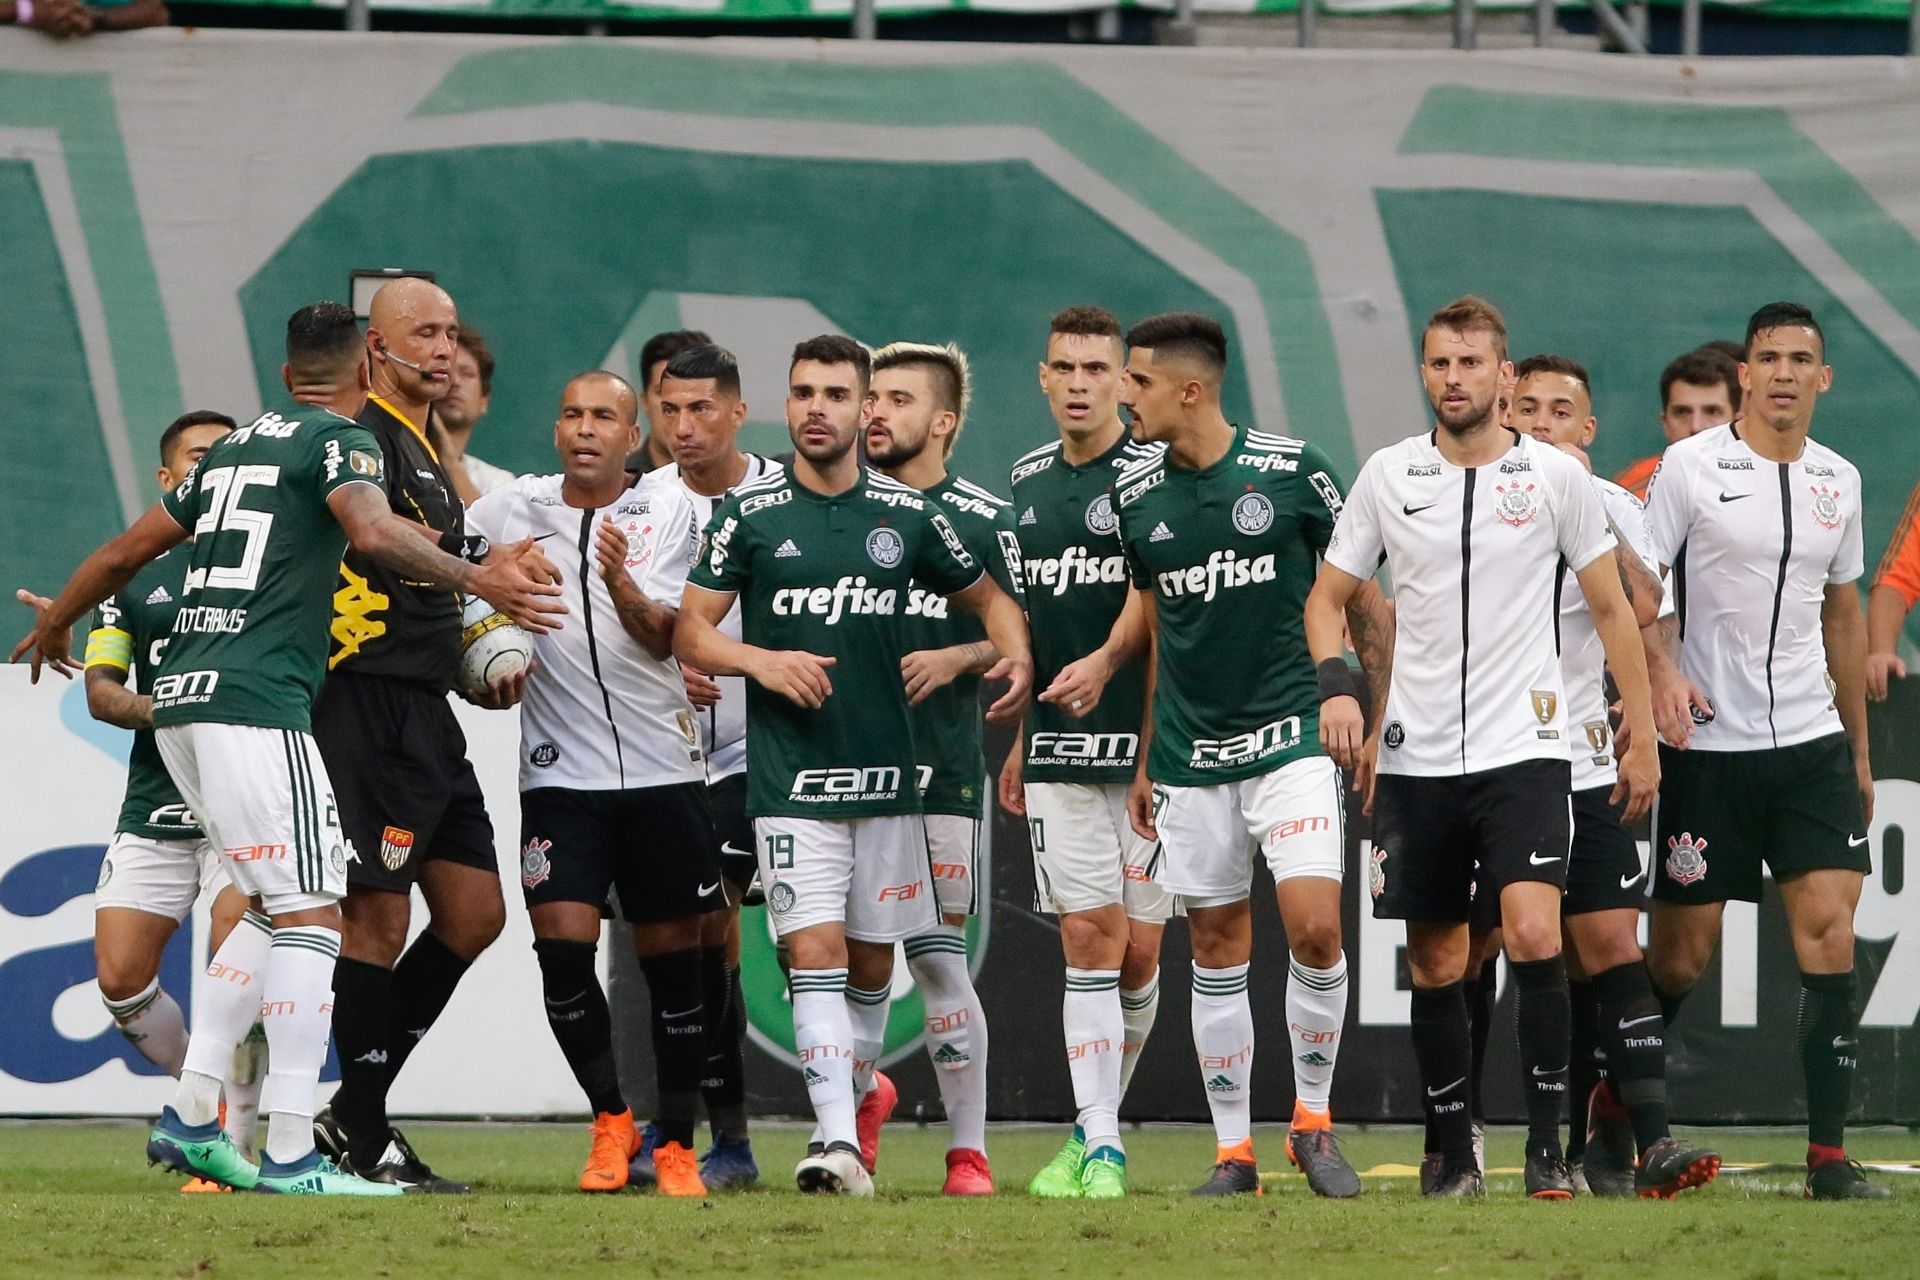 Julgamento de recurso do Palmeiras sobre final do Paulistão é adiado no TJD  - 04 06 2018 - UOL Esporte 24999ef7d762a